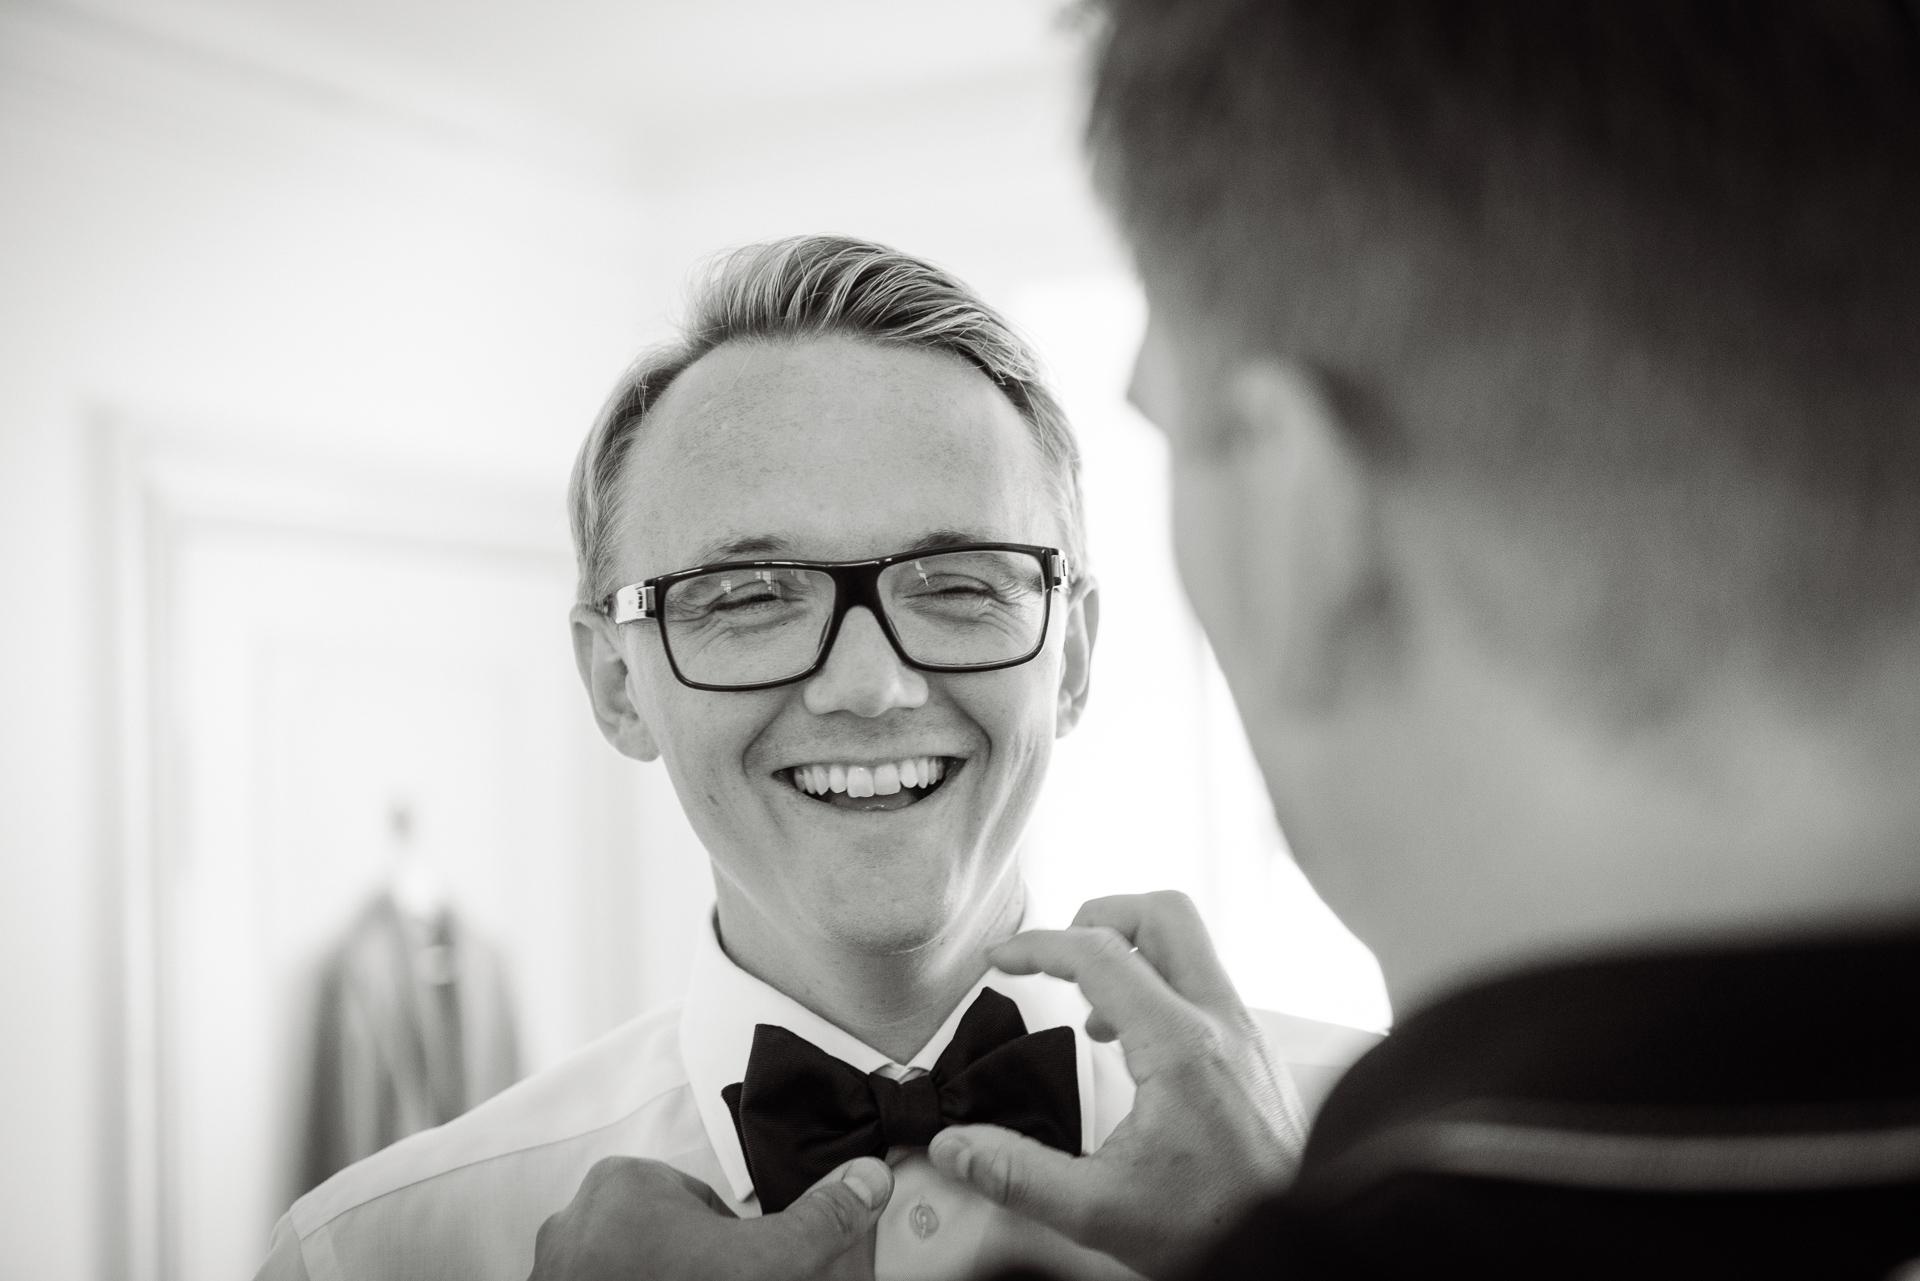 bryllup-wedding-jomfruens-egede-AK-Christian_08